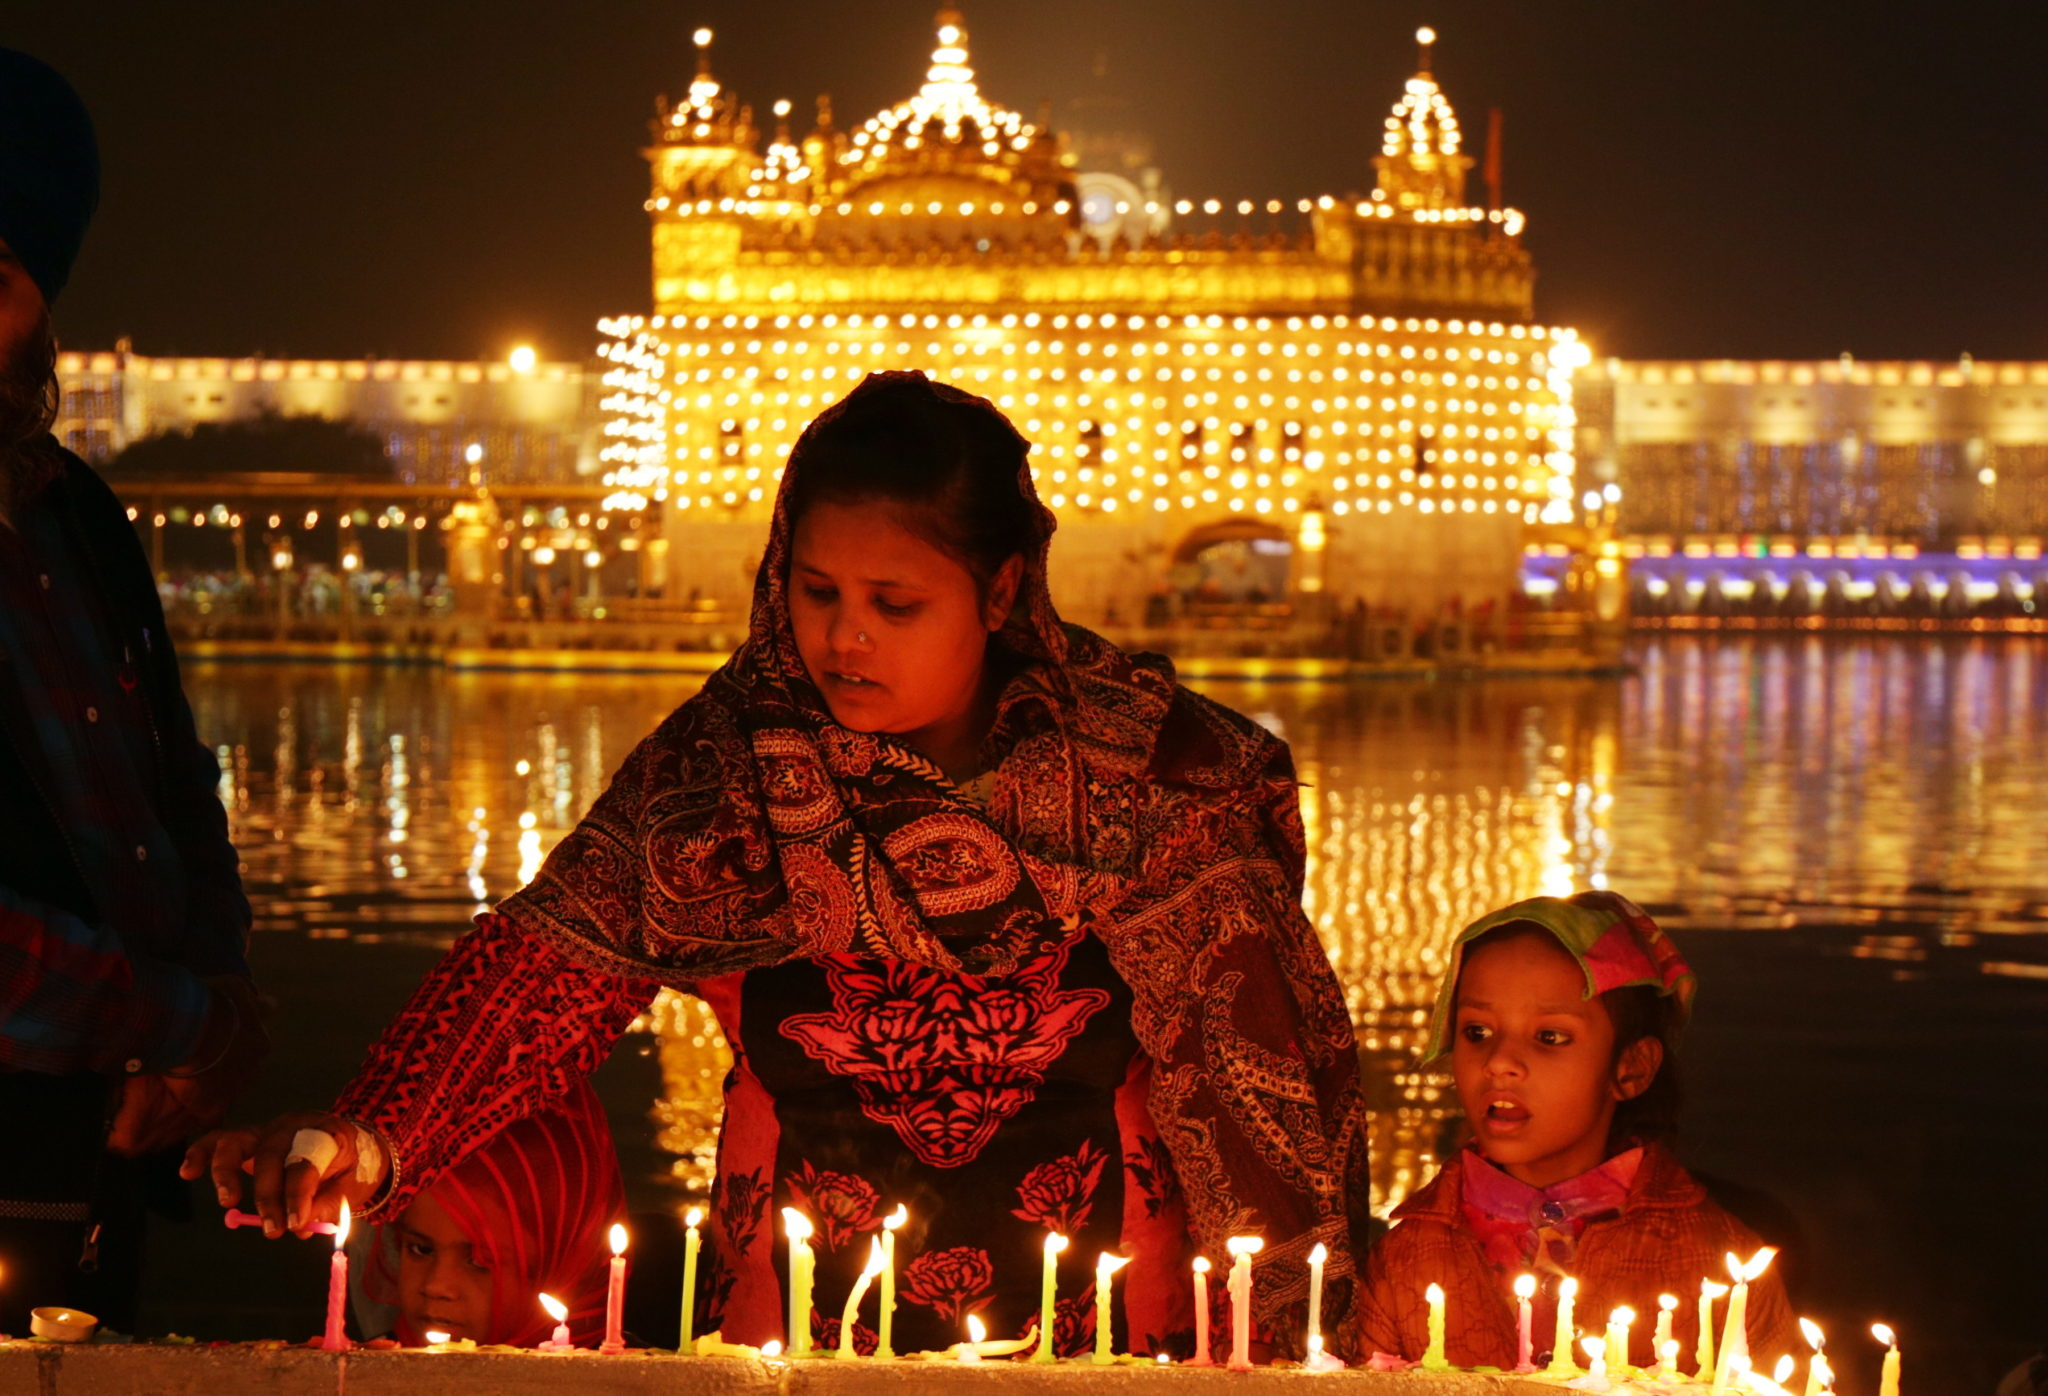 Iluminacja złotej świątyni w amritsar w Indiach z okazji 550 rocznicy narodzin guru Nanak Dev. fot. EPA/RAMINDER PAL SINGH